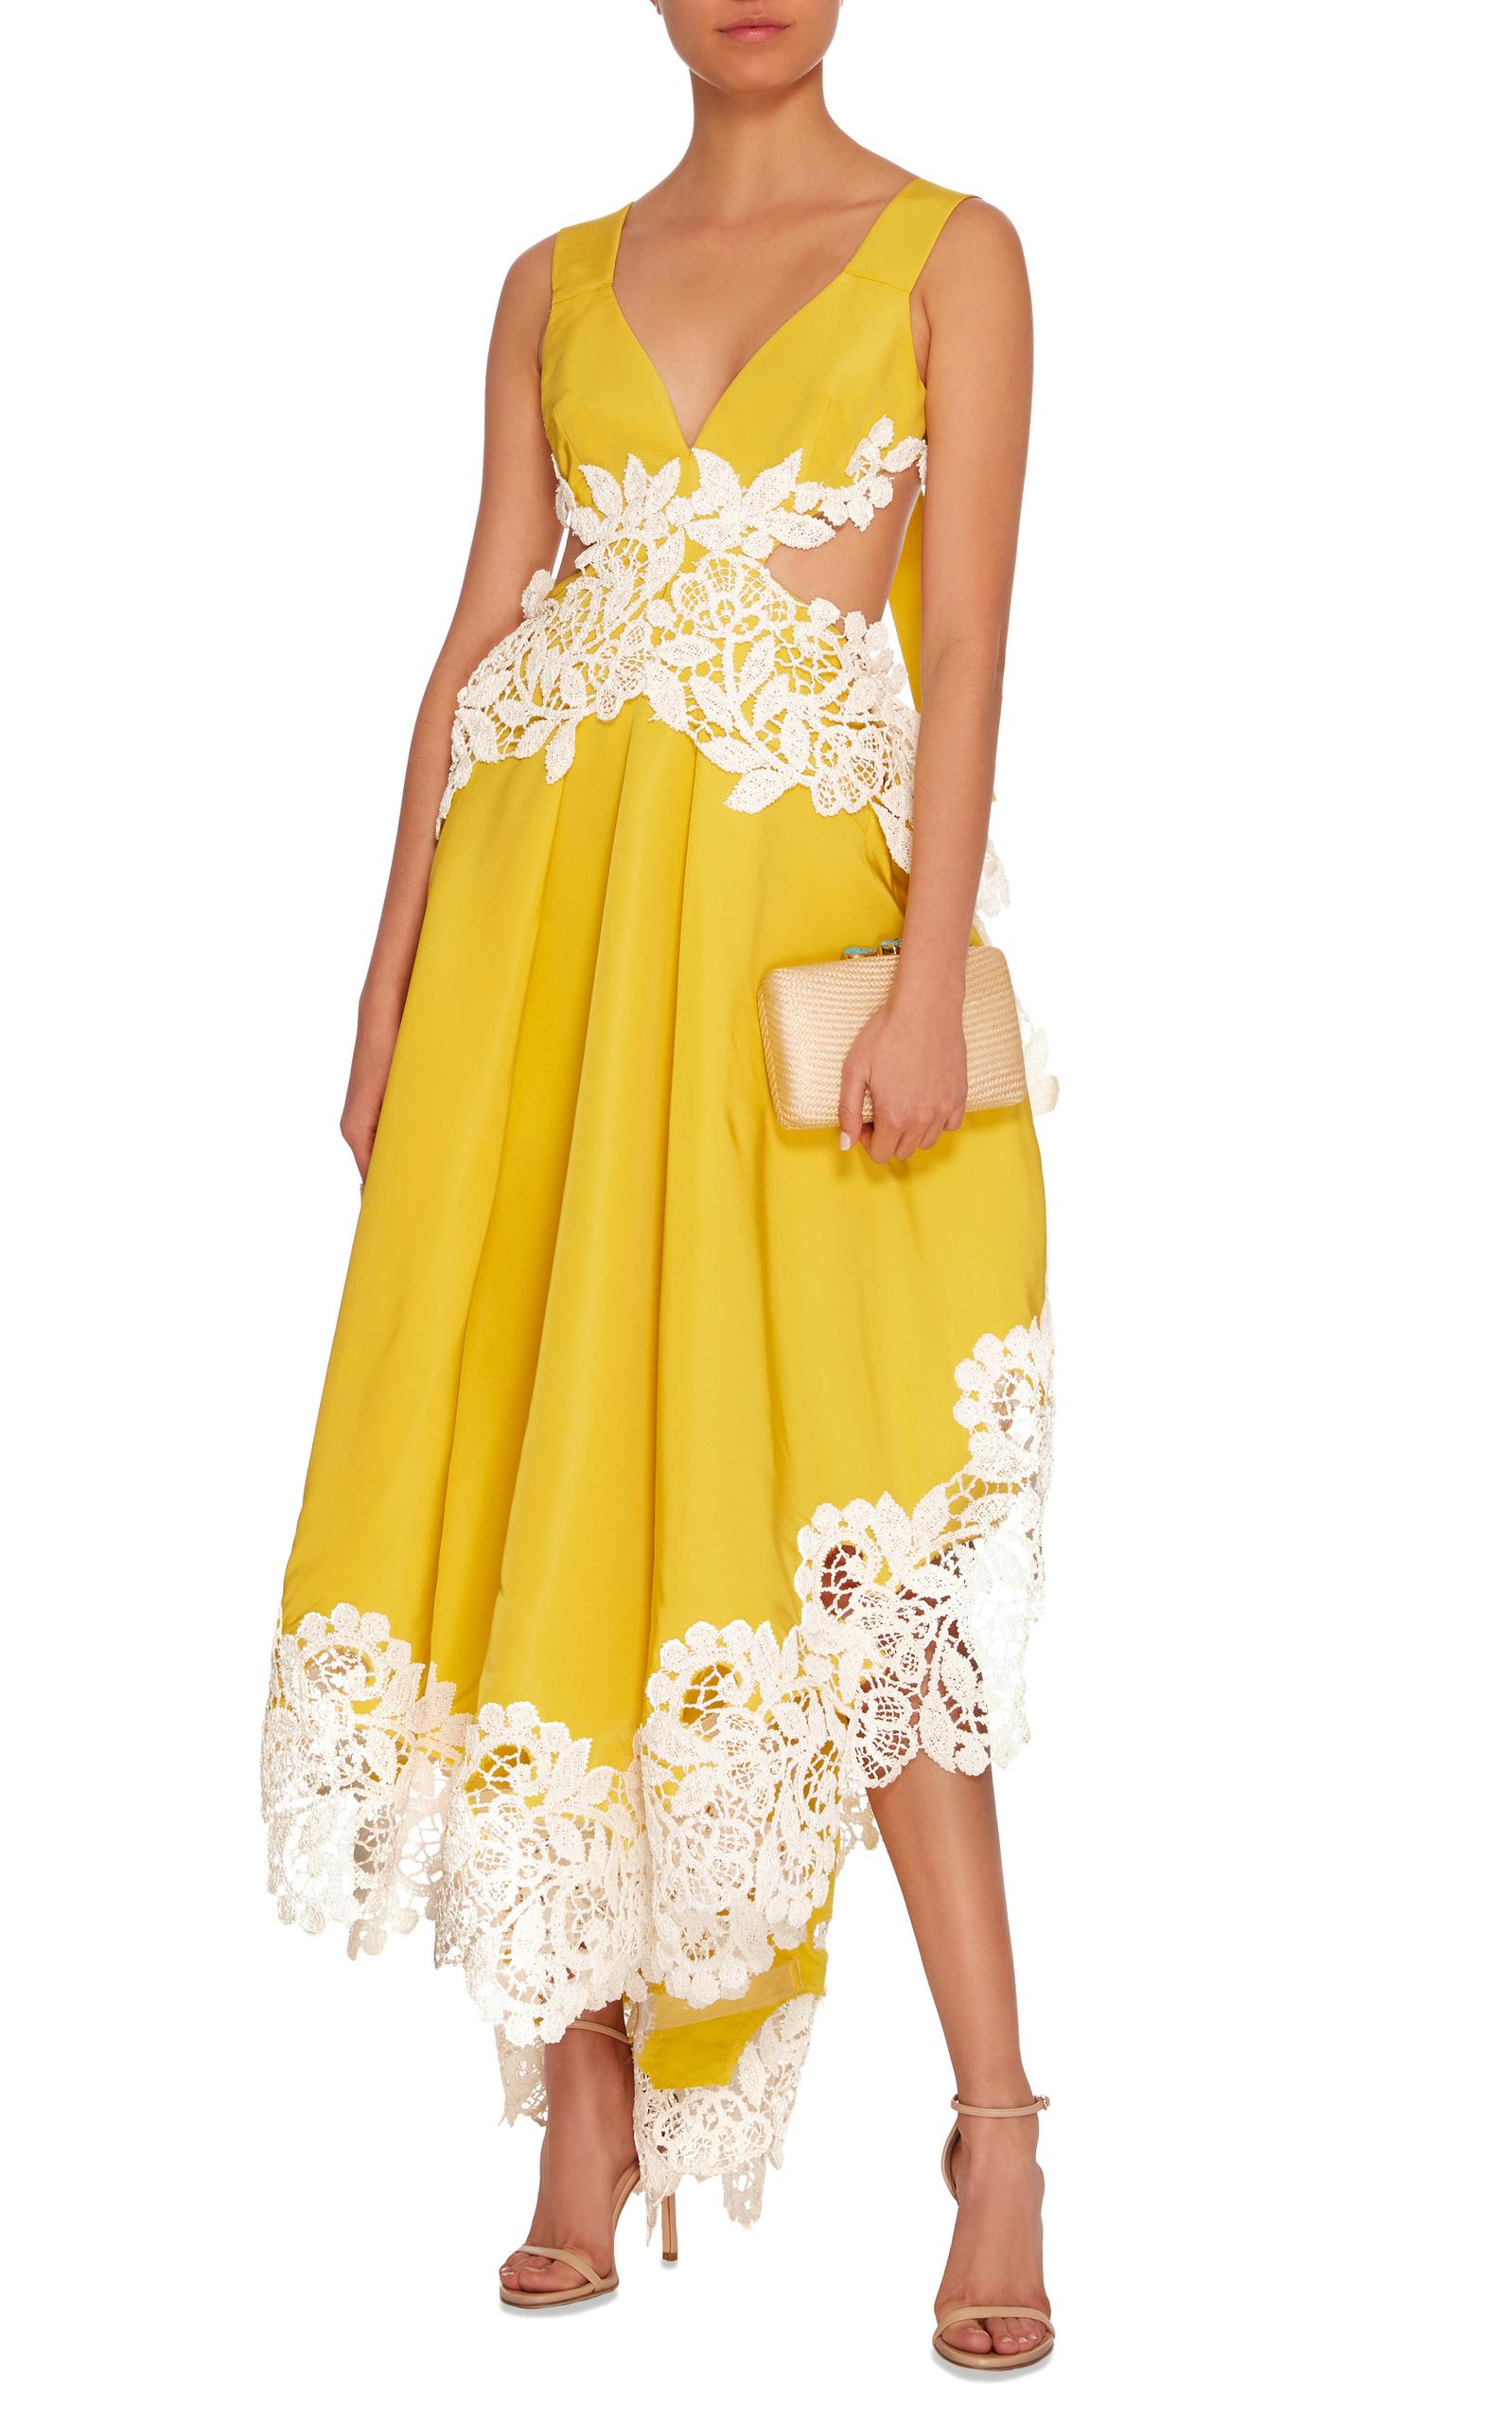 Just Let Me Live Dress Rosie Assoulin 100% Authentic I7V0MK